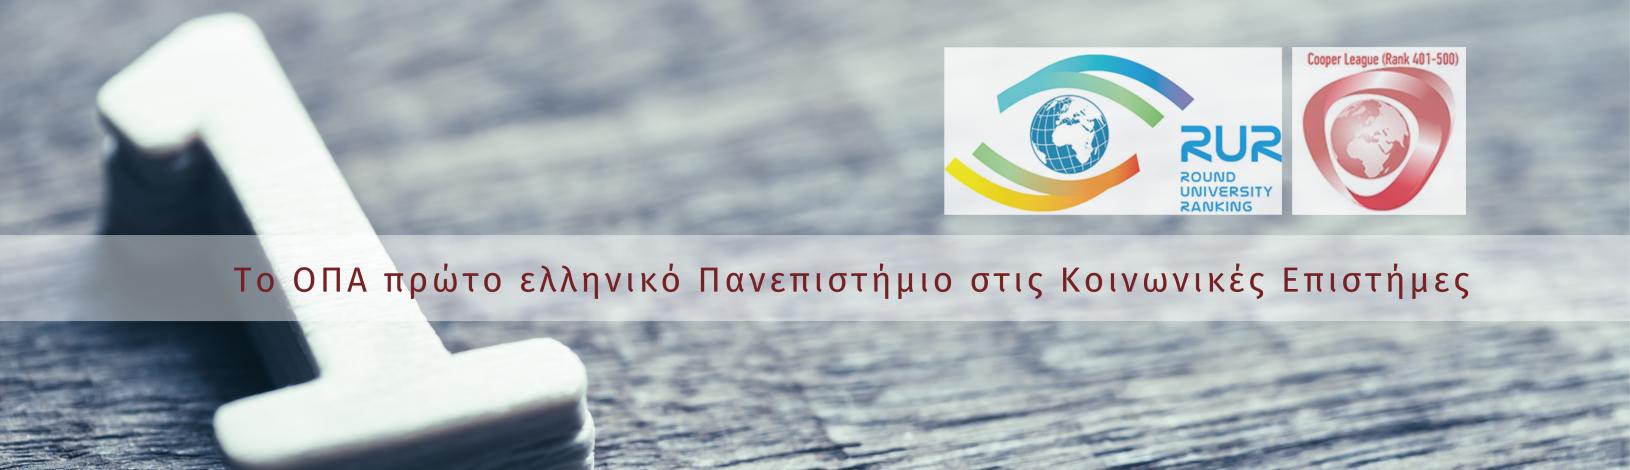 Διεθνής Διάκριση του Οικονομικού Πανεπιστημίου Αθηνών στις Κοινωνικές Επιστήμες